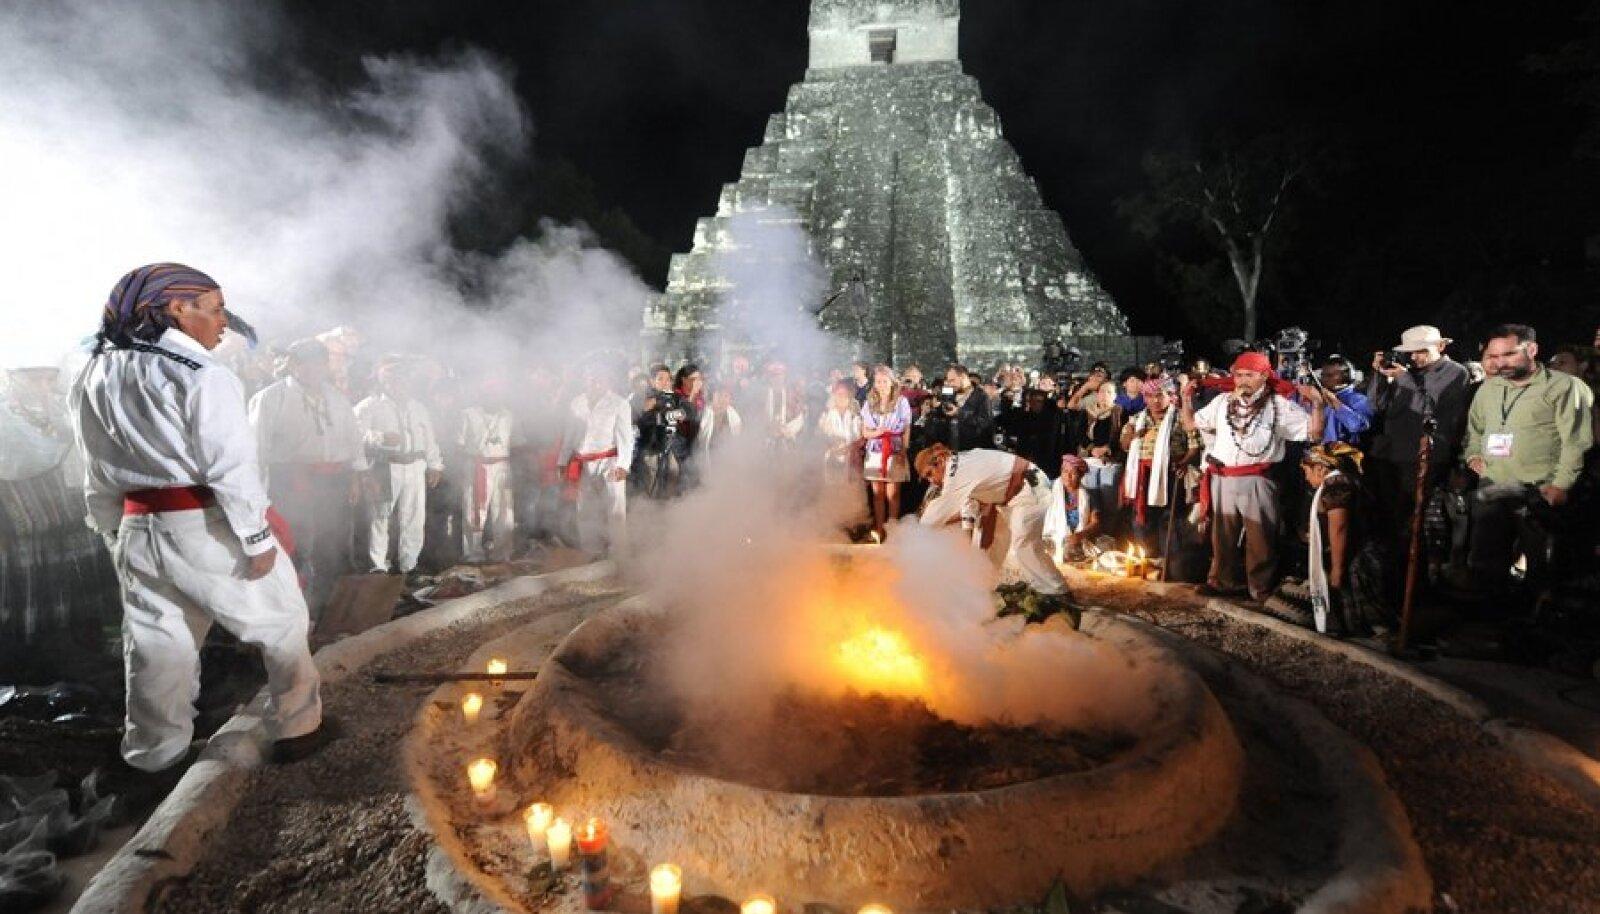 Tikali templi juures toimunud uue ajastu vastuvõtu tseremoonia